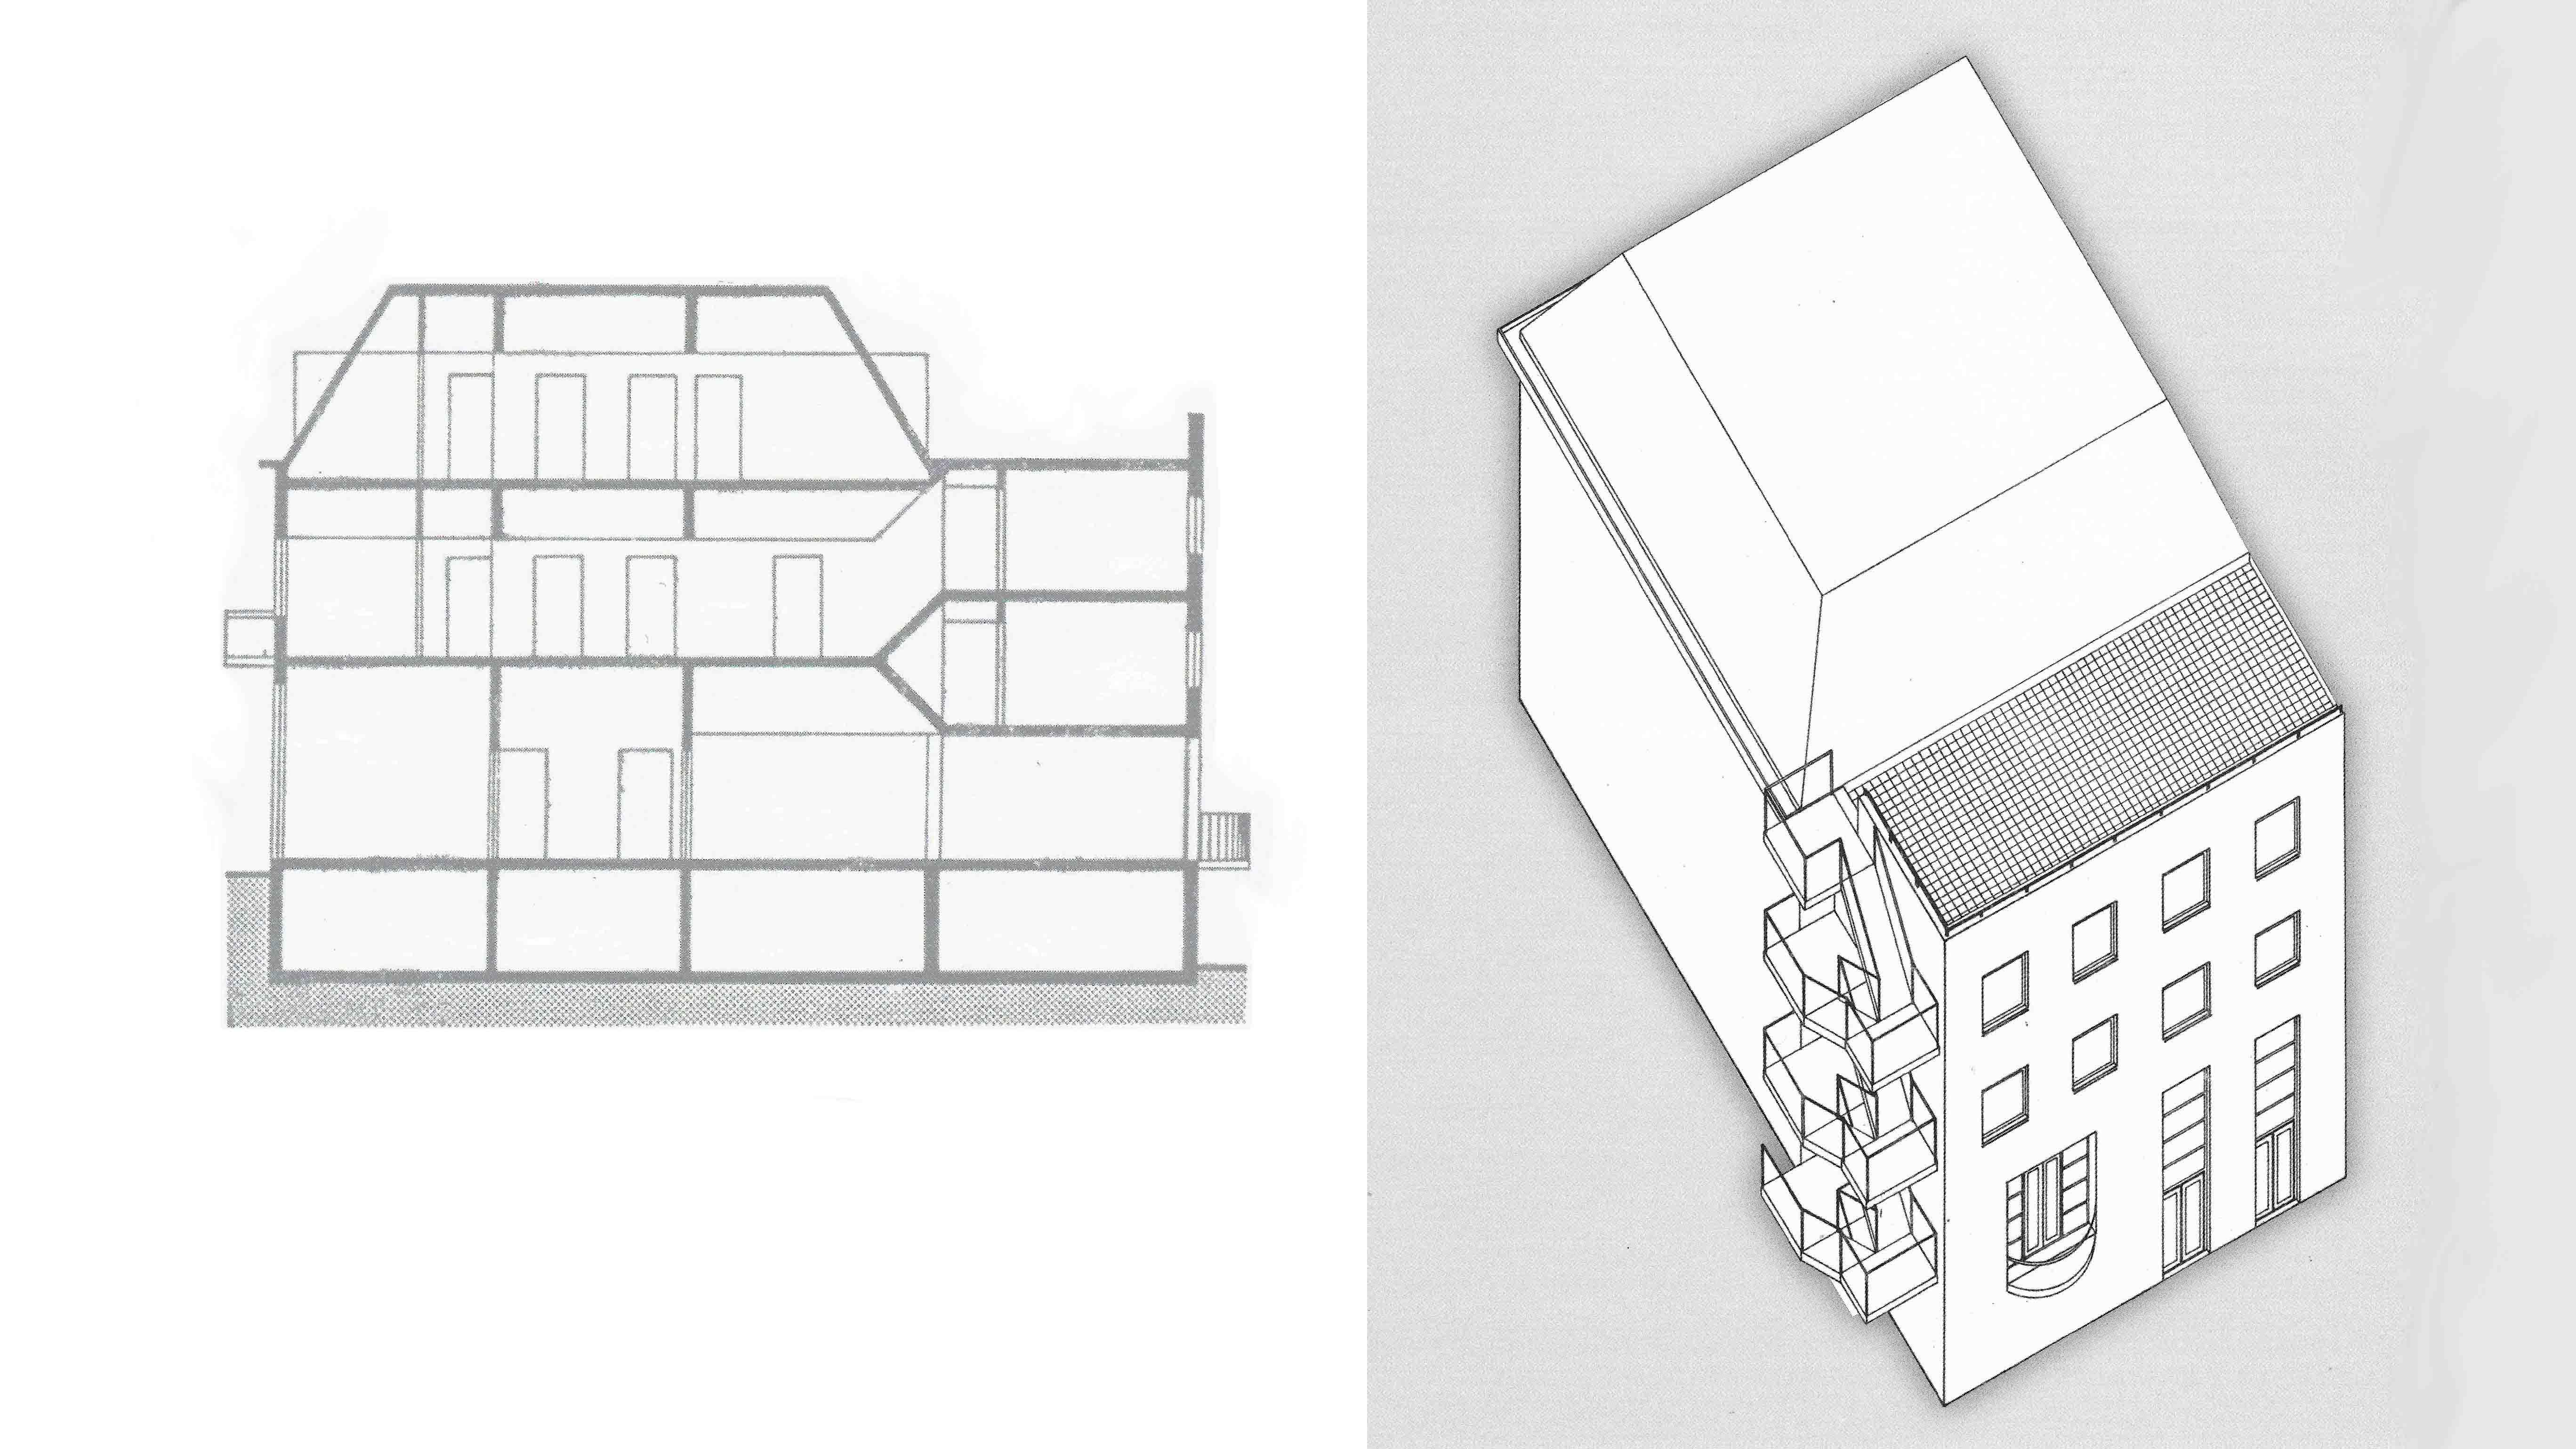 gezinsvervangend tehuis rustenborgh architect marja haring